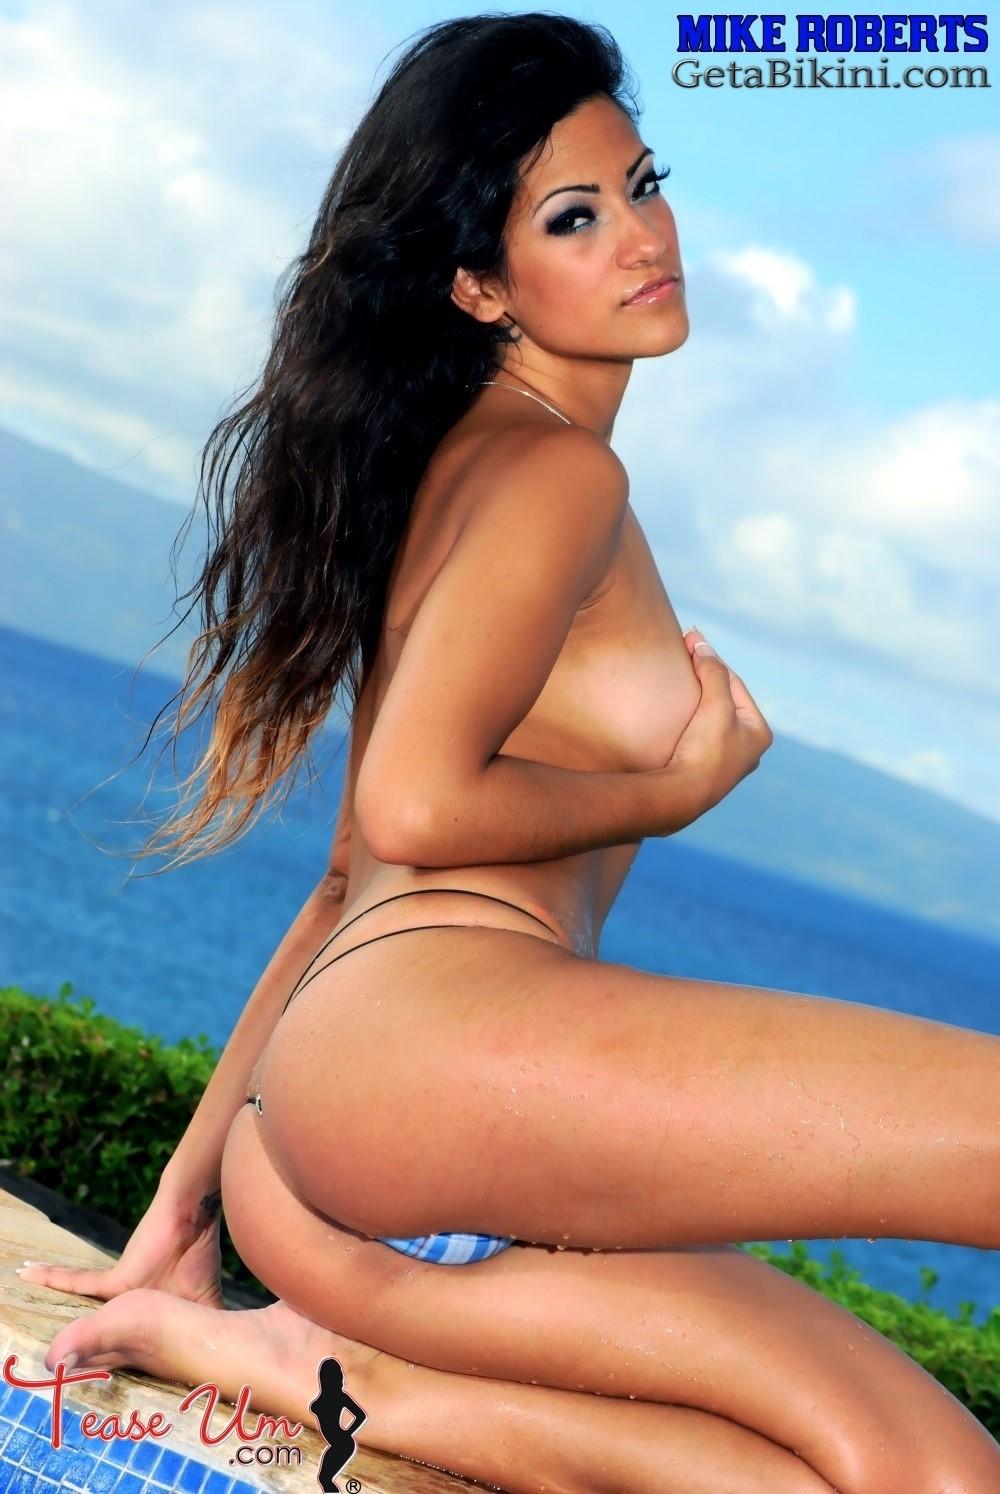 g michelle kasandra bikini bottom peek upskirt nude